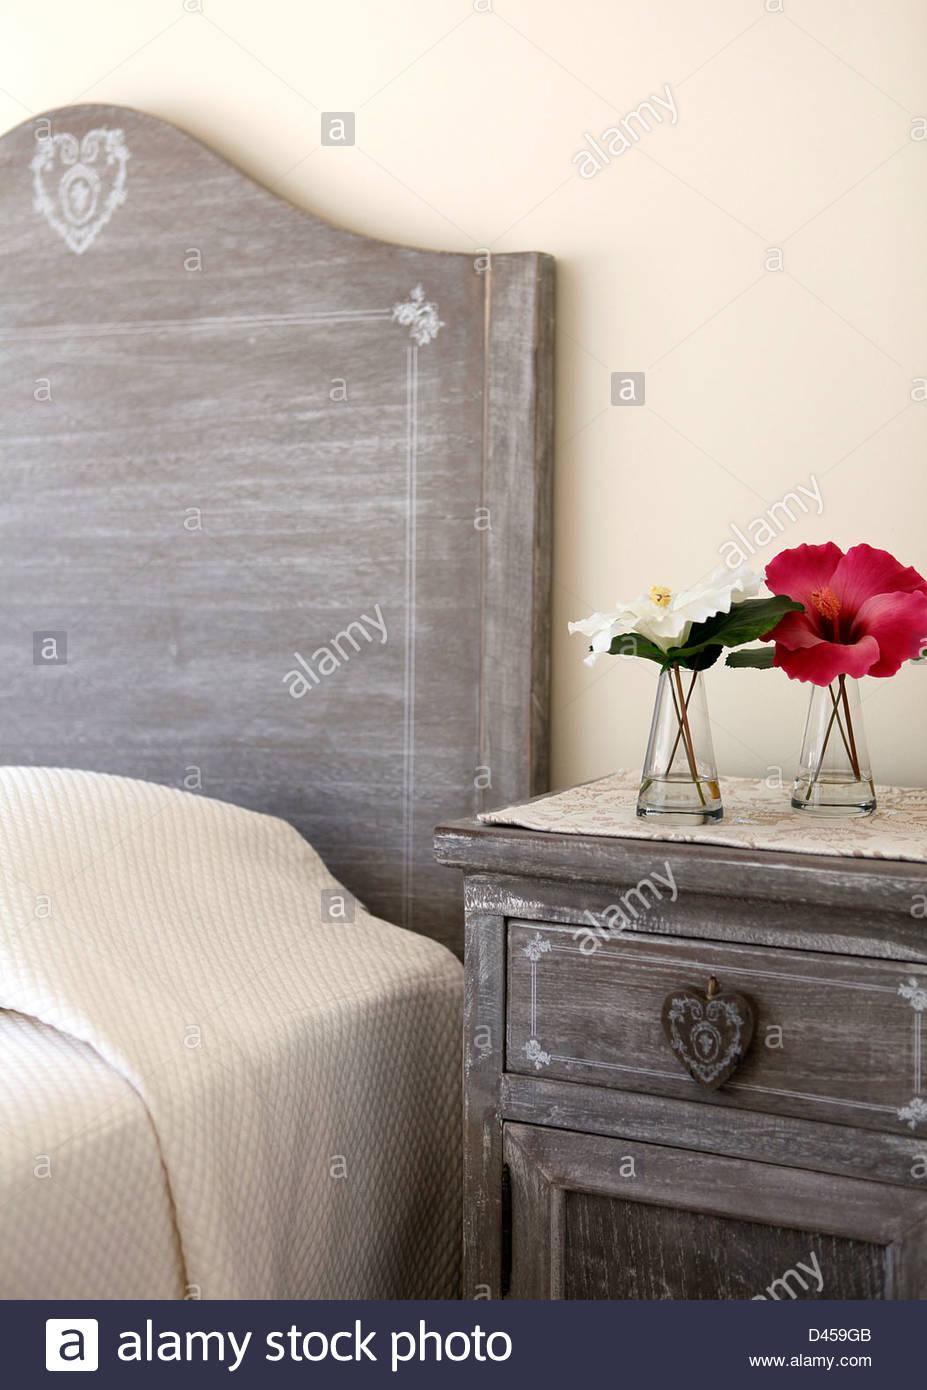 Accessoire Salle De Bain Gatineau ~ Hotel Des Bains Stock Photos Hotel Des Bains Stock Images Alamy